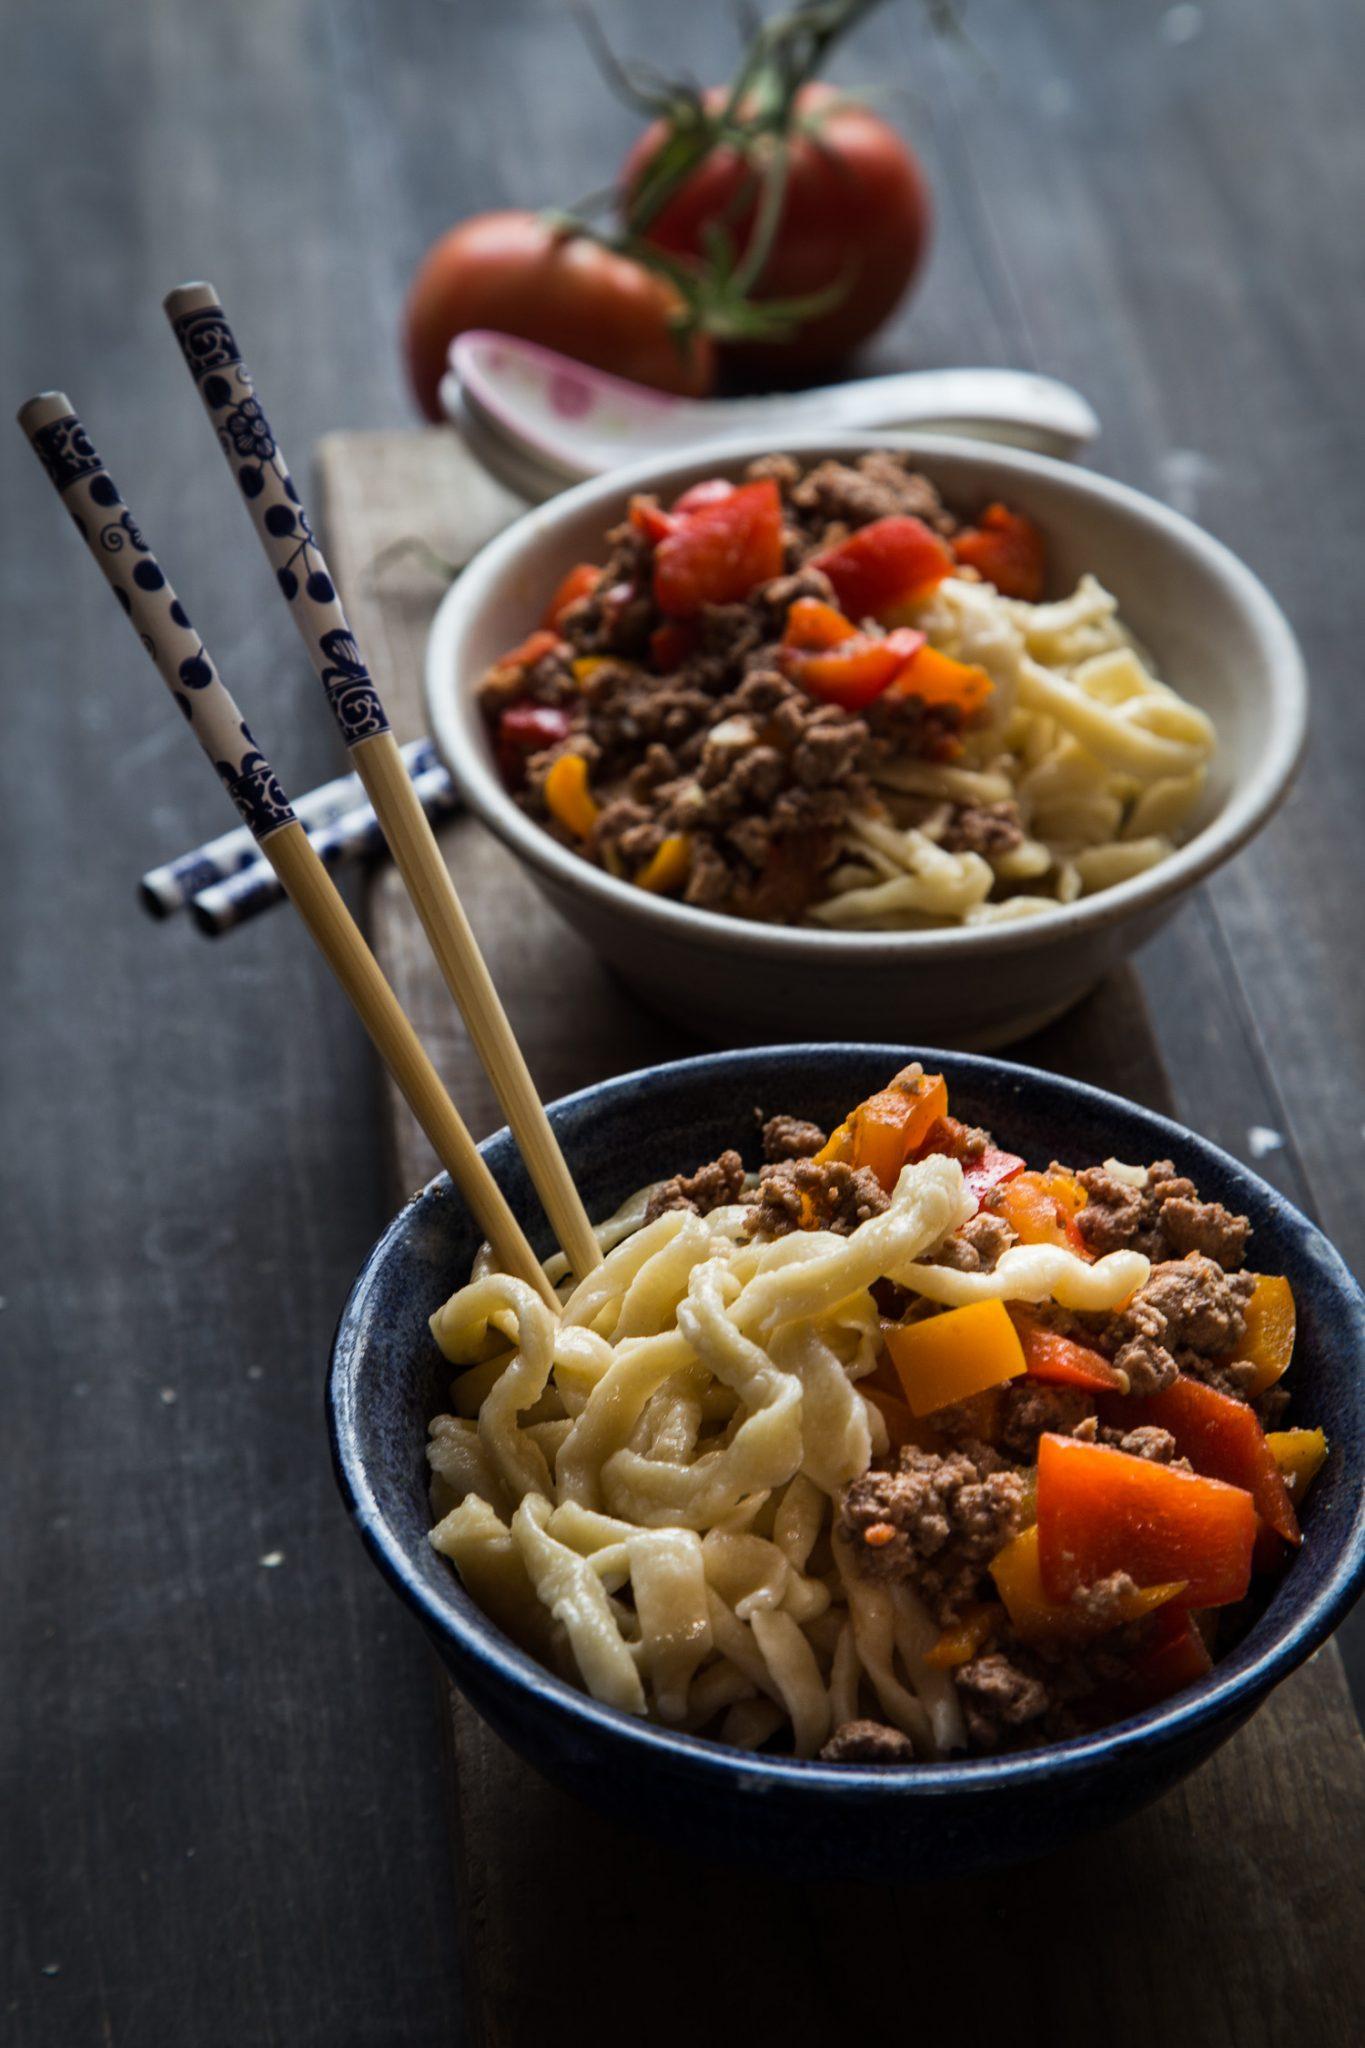 Kazakh Noodles with Laghman sauce #uyghurnoodles #laghman